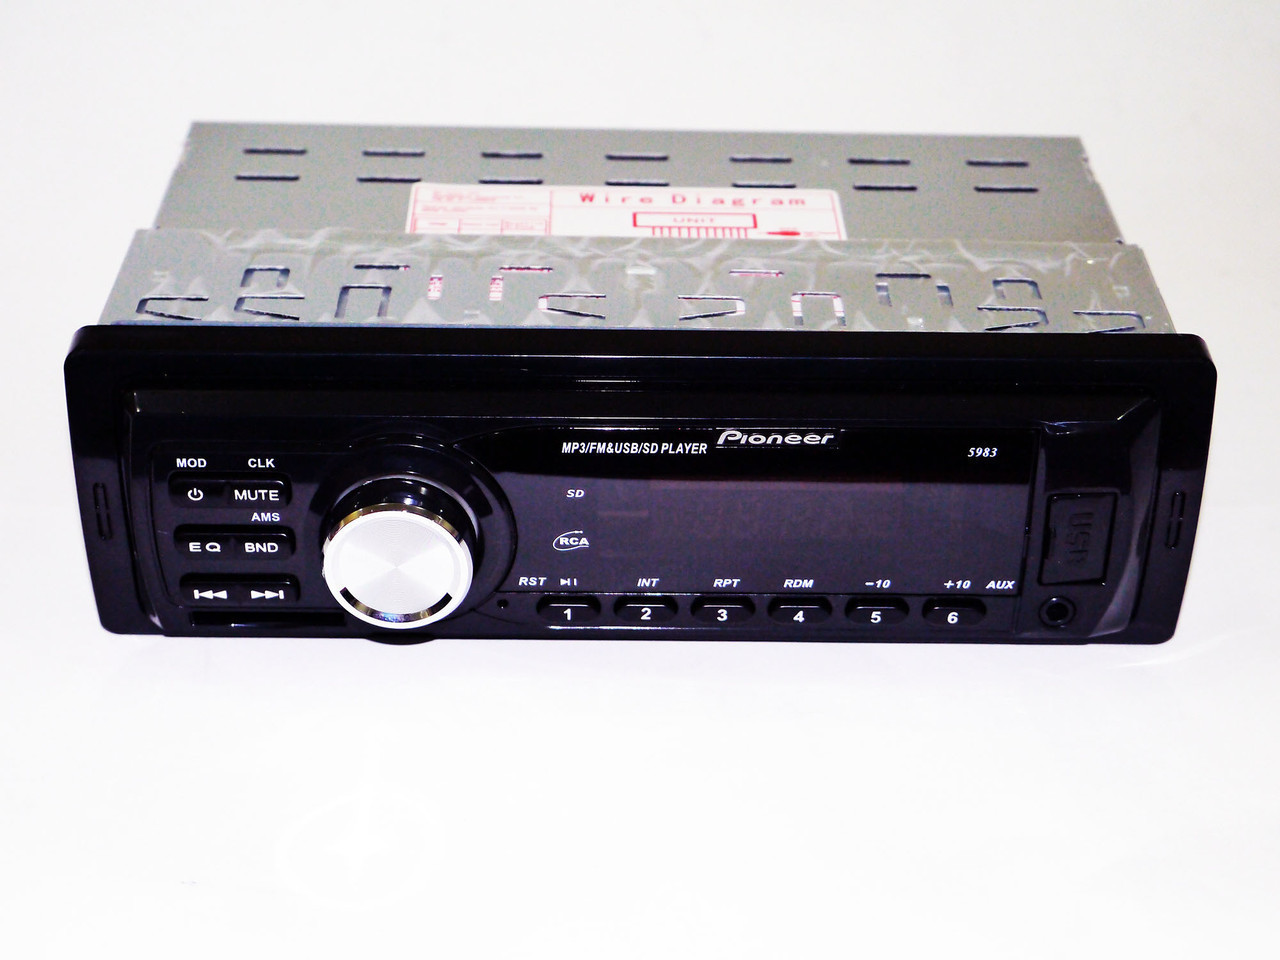 НЕДОРОГО Магнитола Pioneer 5983, USB MP3 Магнитола в авто, ЮСБ Магнитола в машину, Автомагнитола Пионер